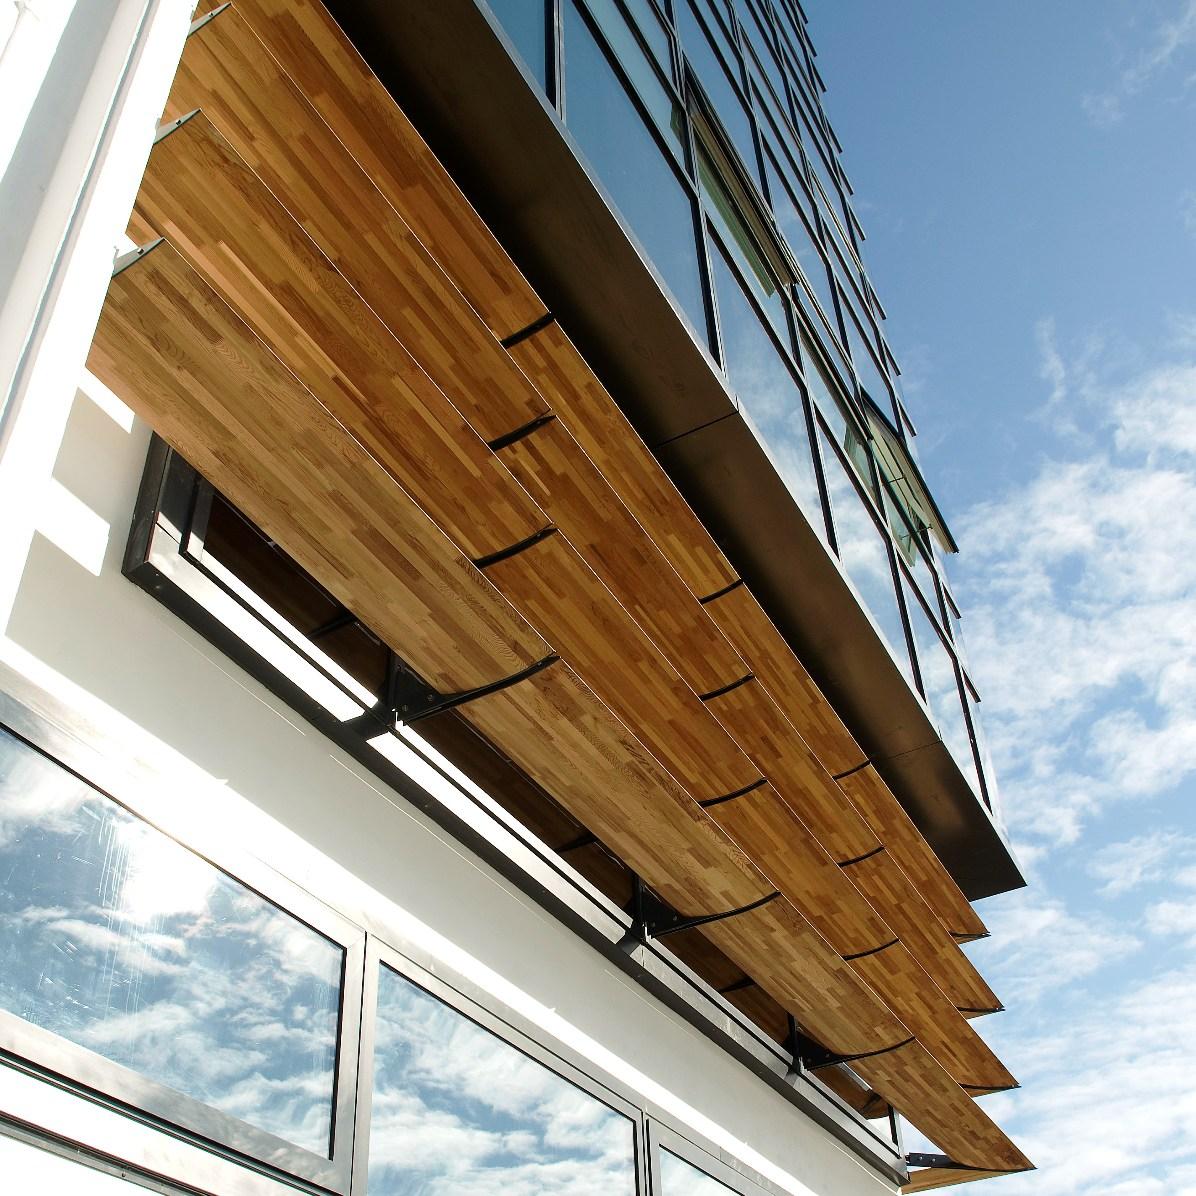 aluminium fins on contemporary structure